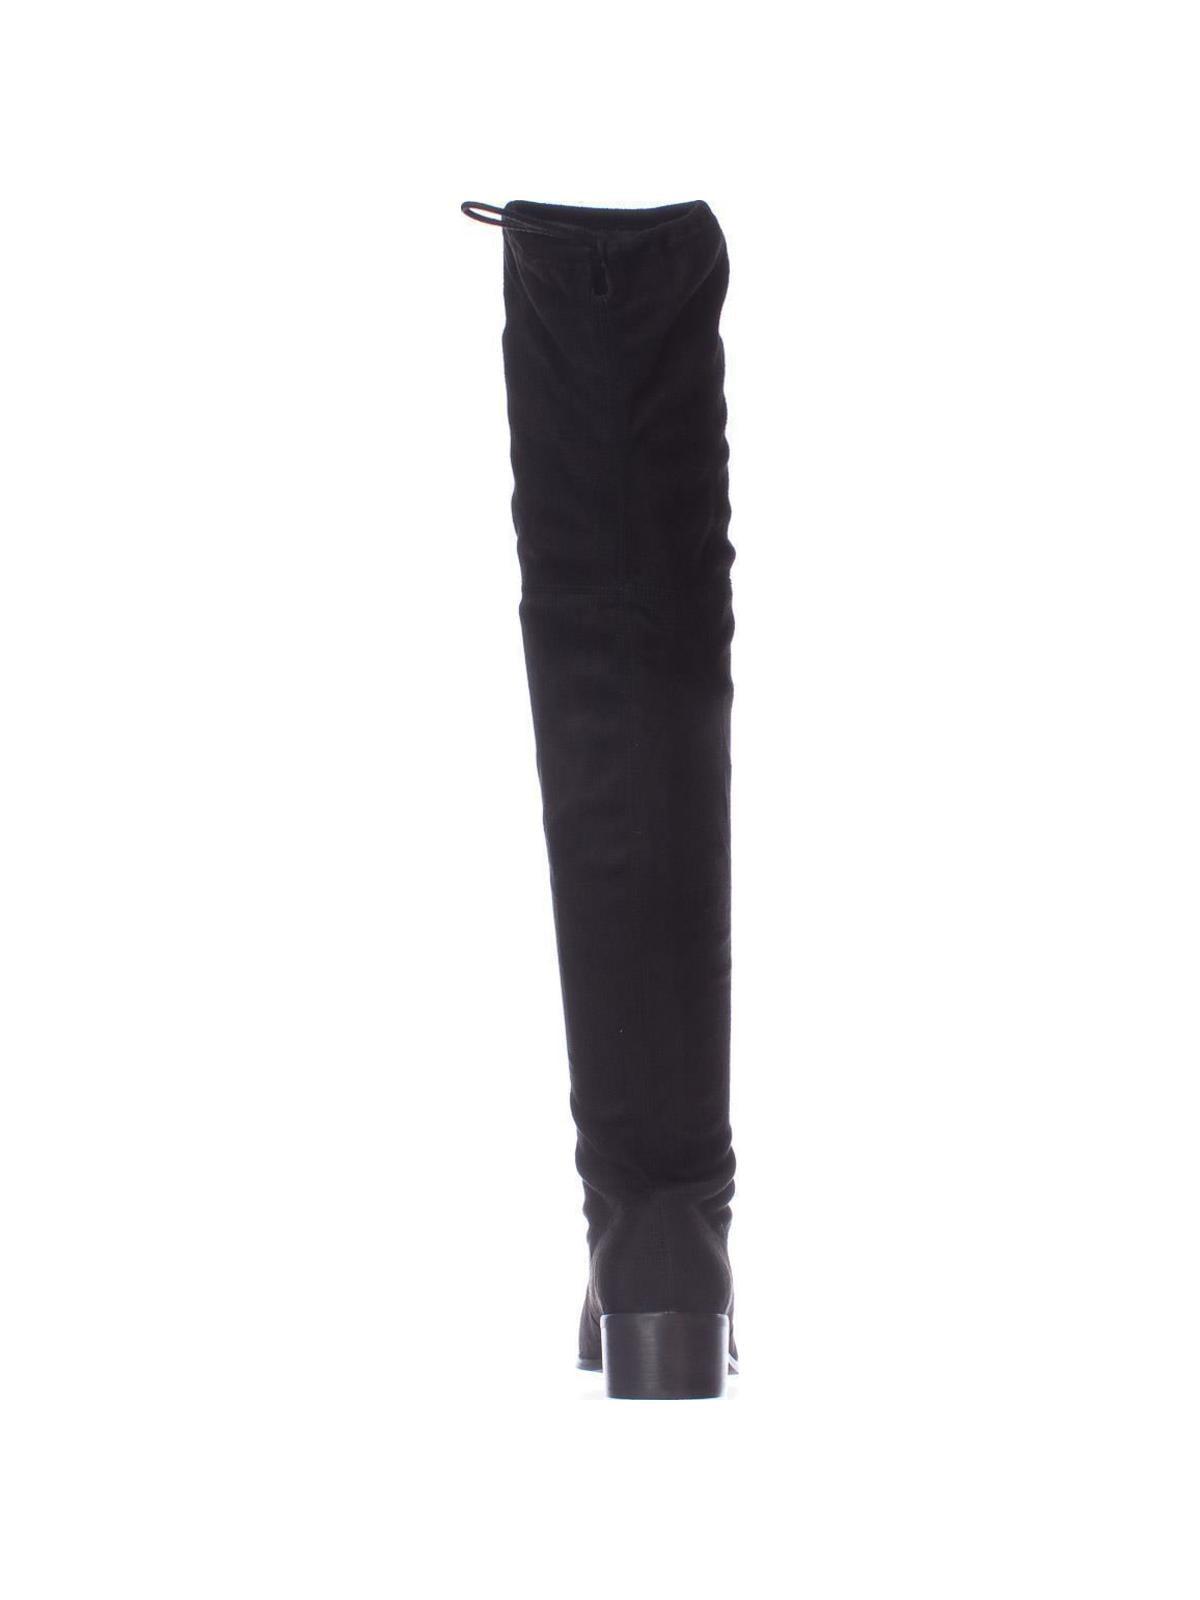 charles charles charles par charles david  's gunter en micro - daim pierre Gris  au - dessus du genou du daim botte - 8 db1288